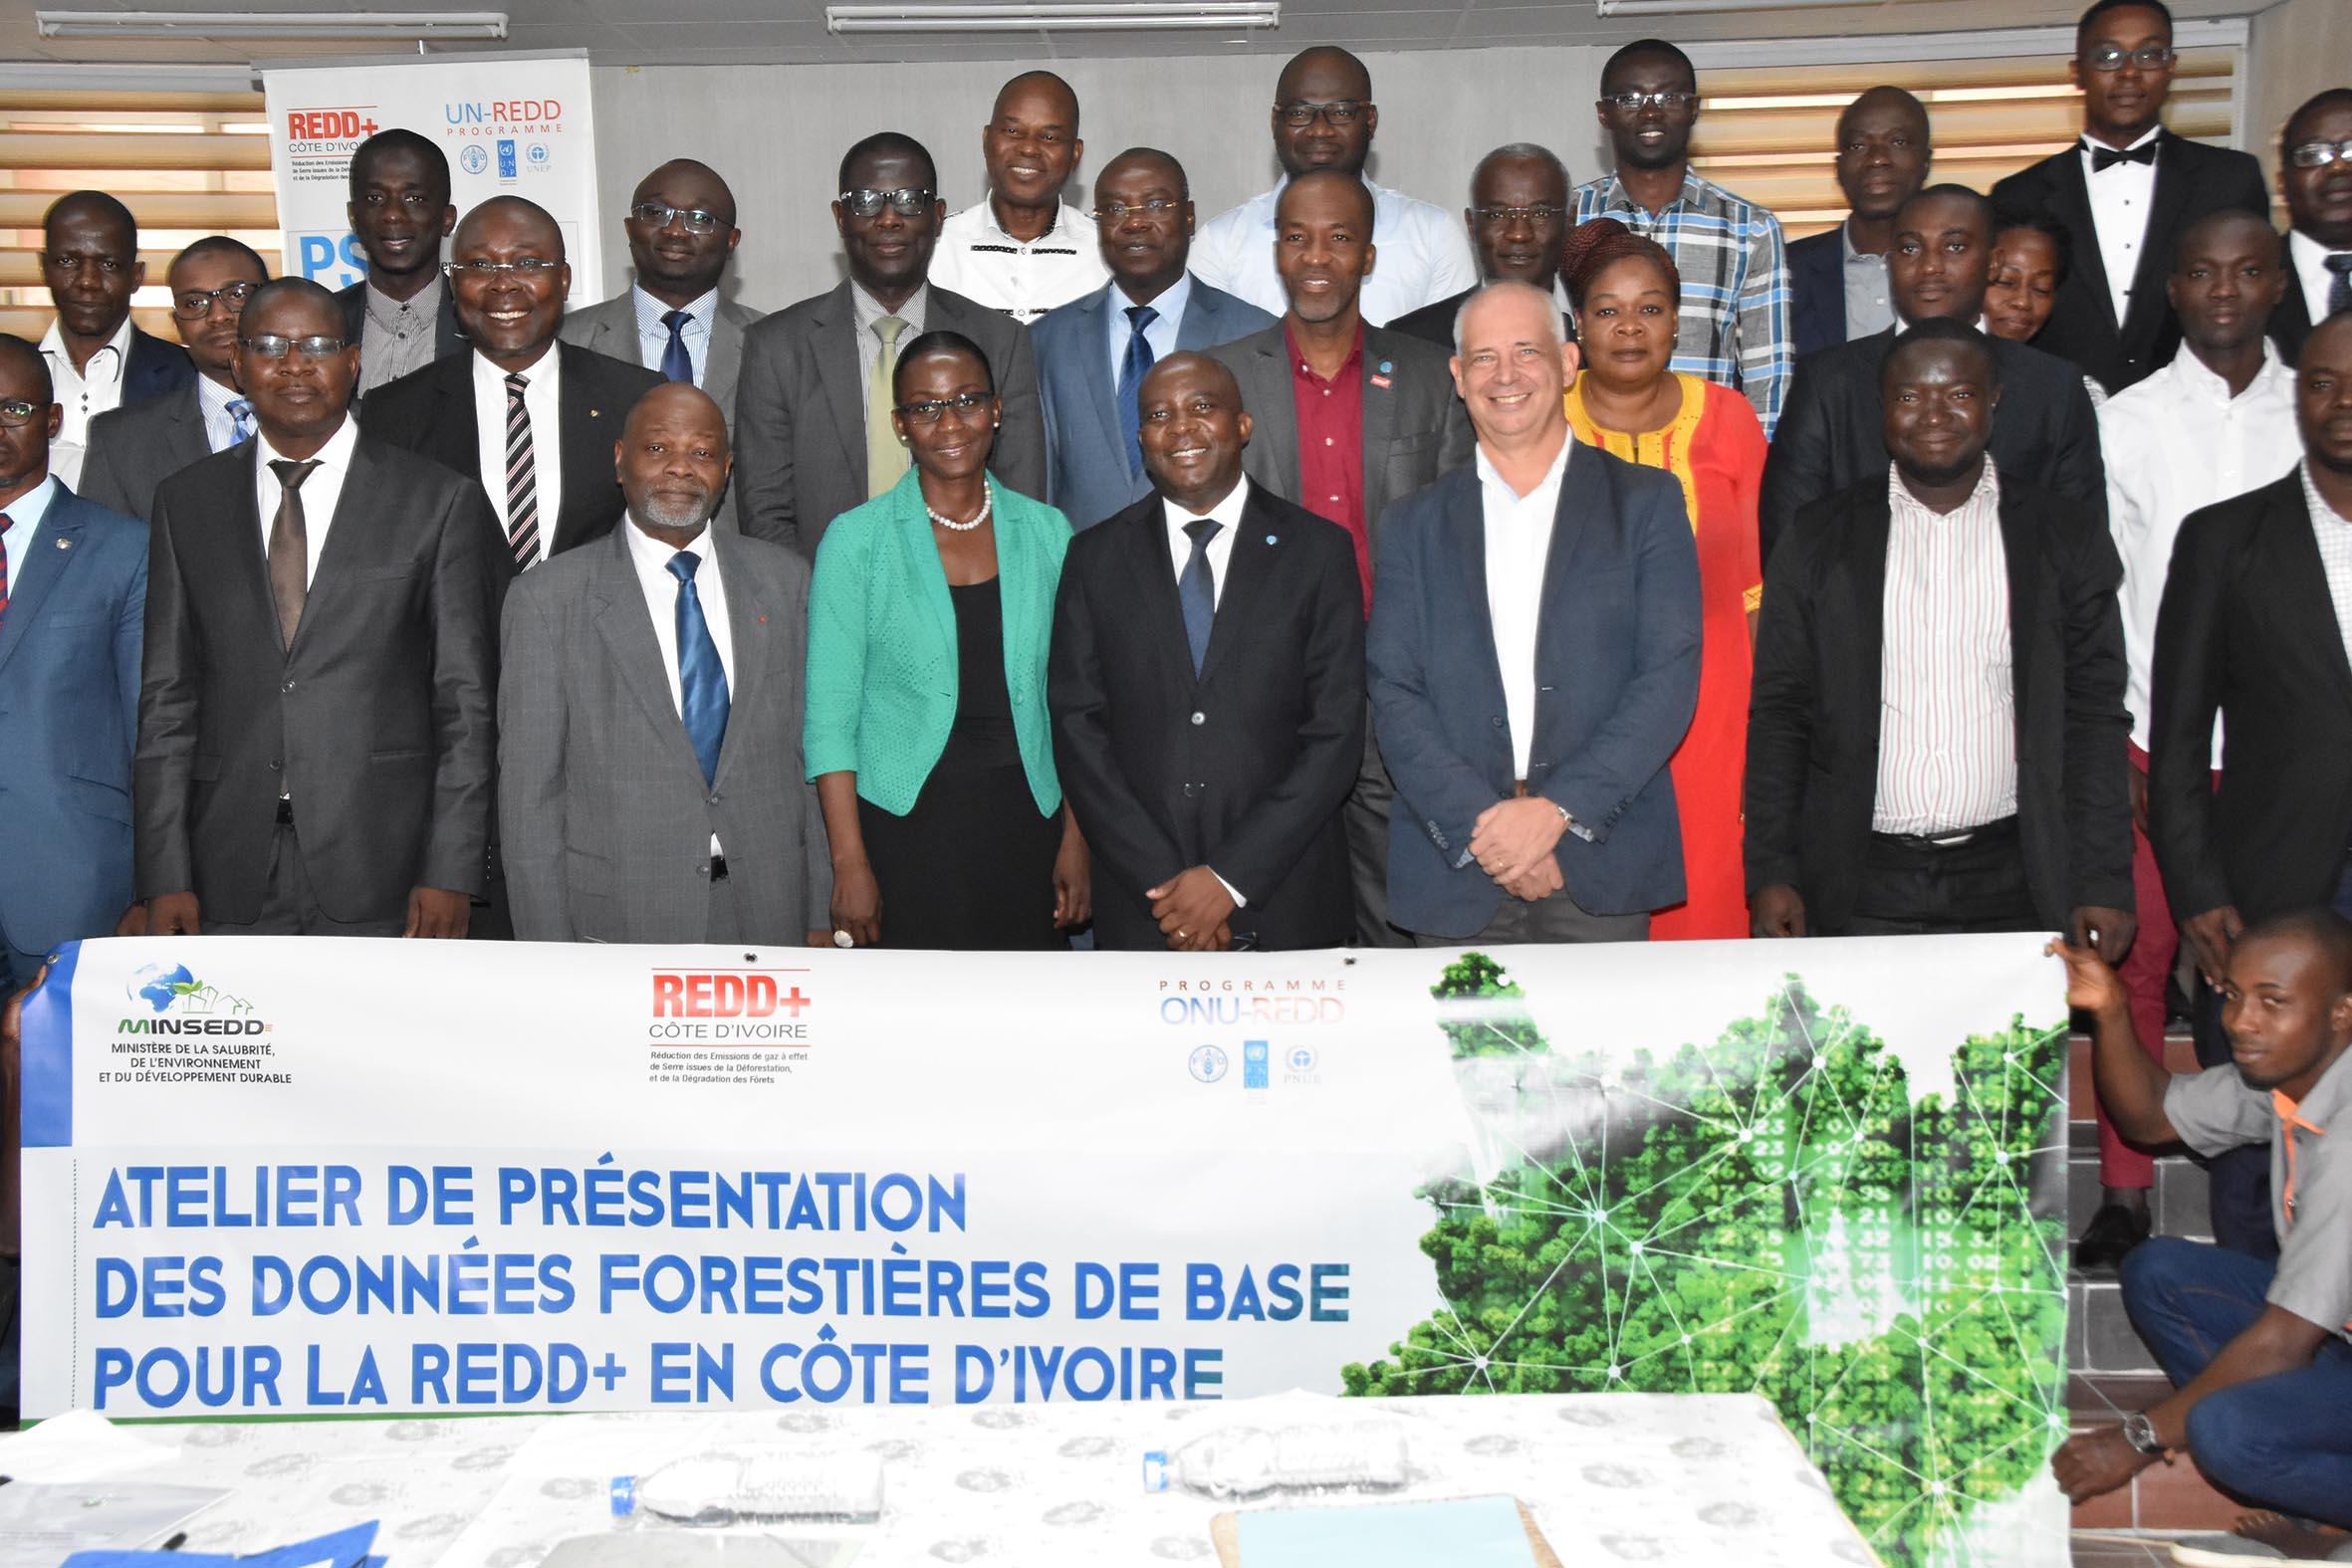 Les résultats des données forestières de base pour la REDD+ Côte d'Ivoire remis au Ministère en charge de l'Environnement